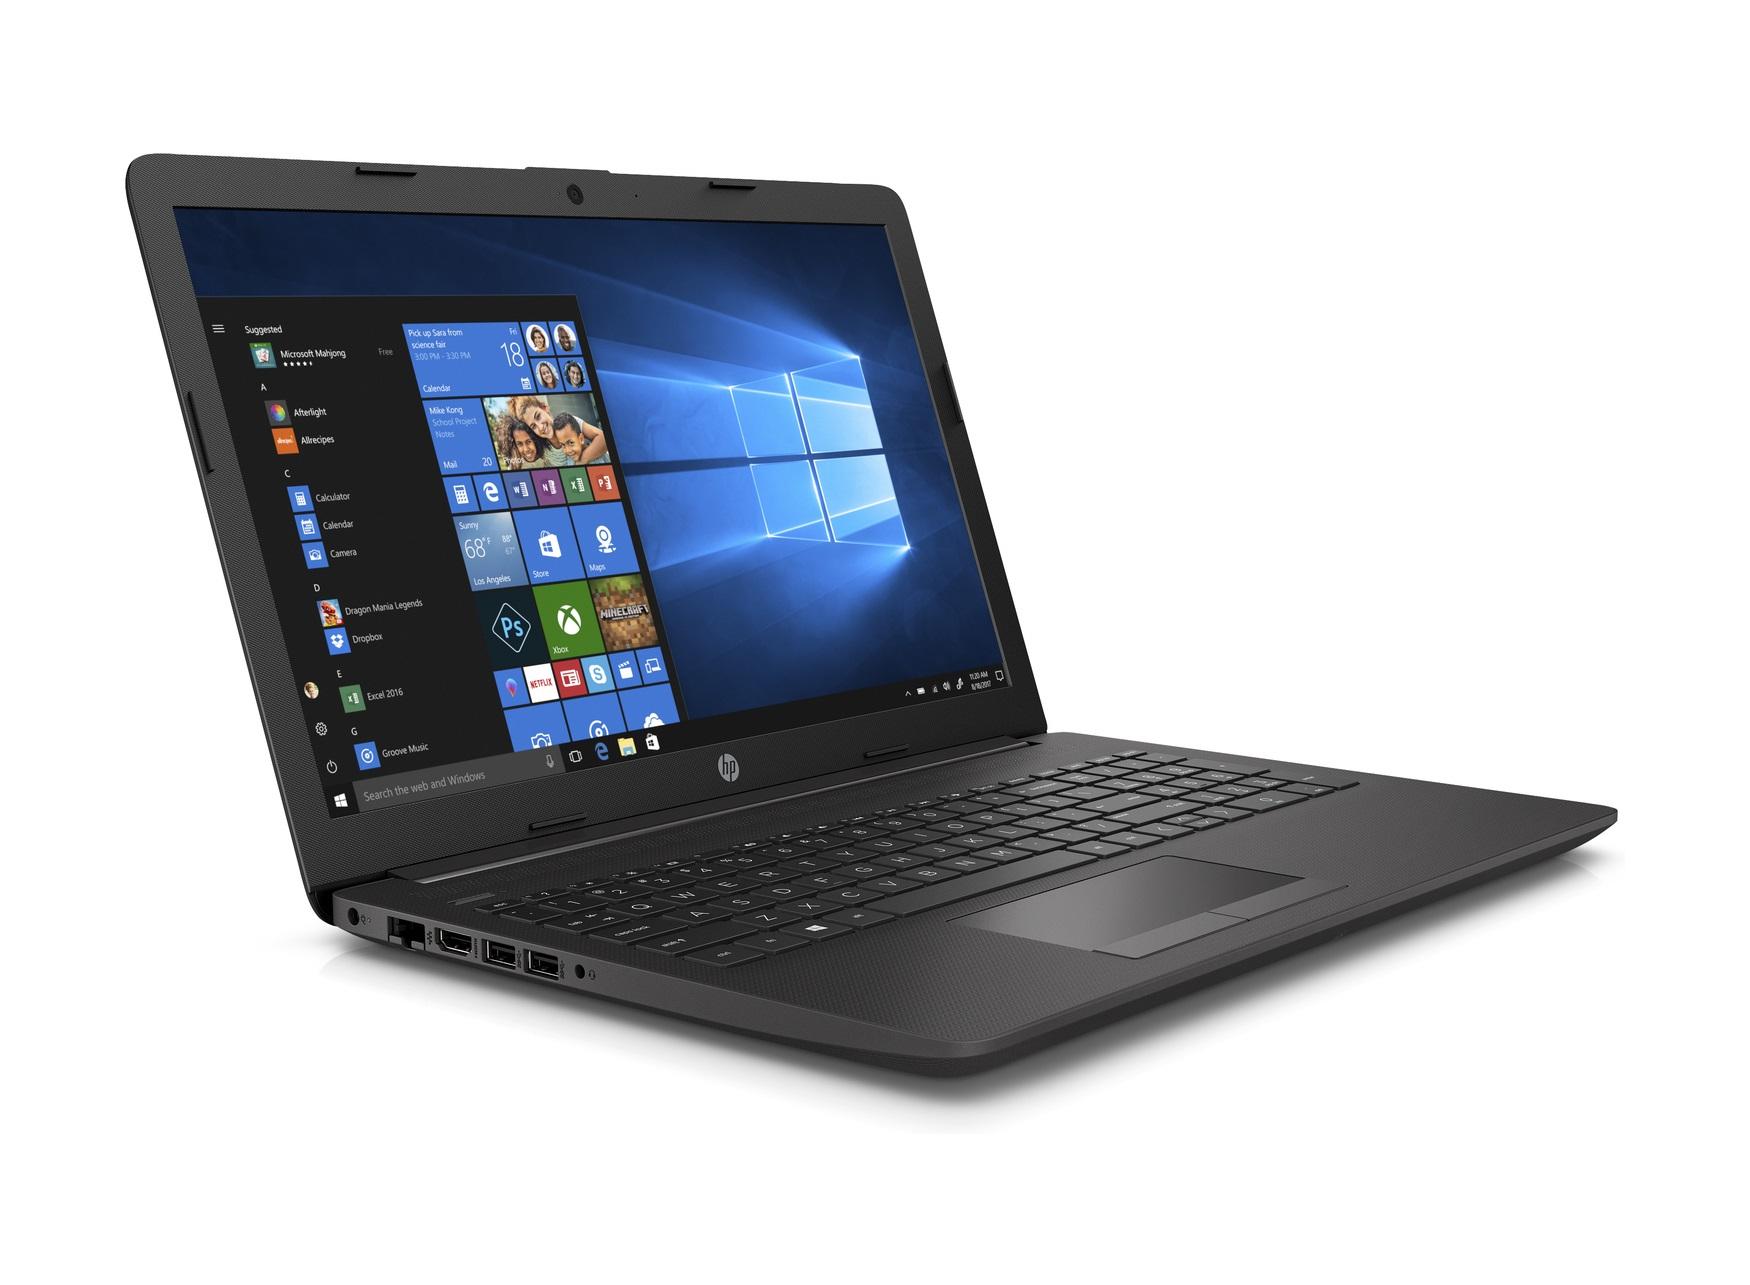 Hewlett Packard Notebook 250 G7 - Tecland Innovation